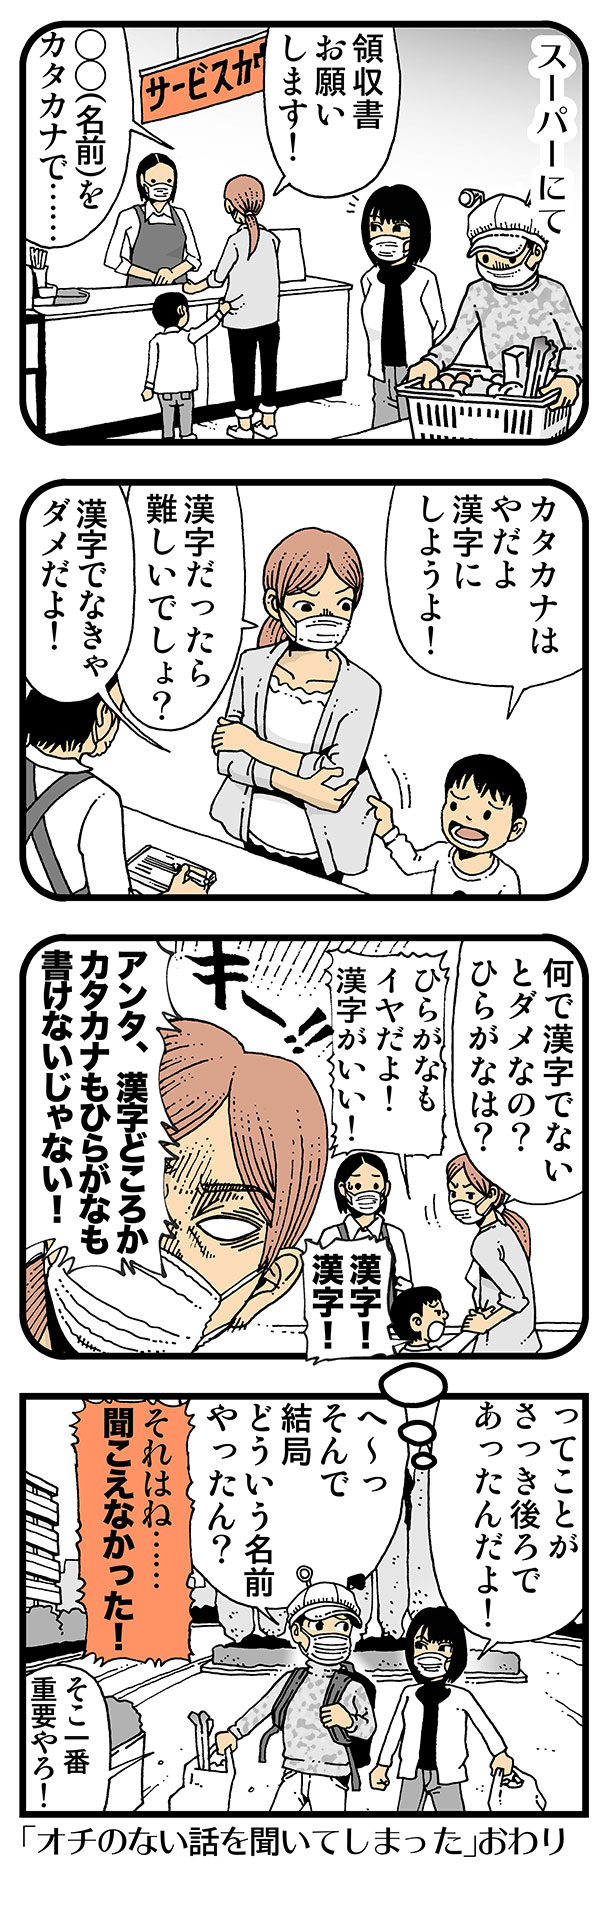 【普通】大阪人はオチのない話にイラつく